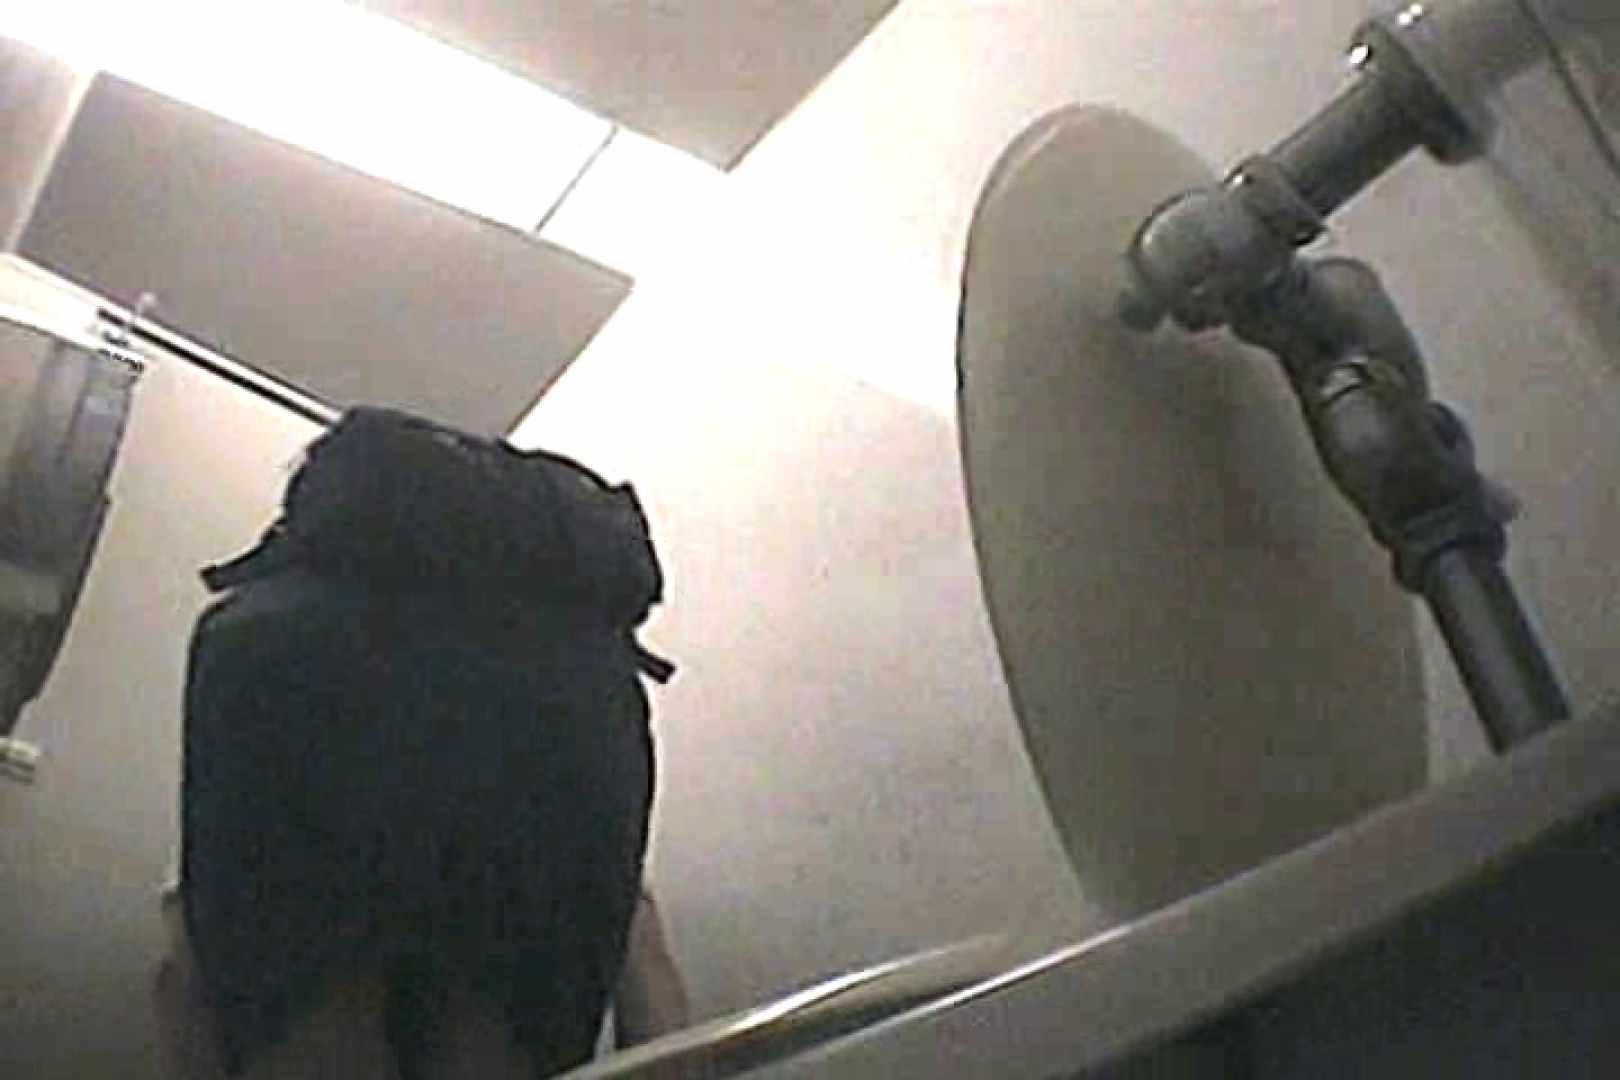 チアリーダーズ洗面所Vol.2 おまんこ丸見え のぞきエロ無料画像 44連発 11